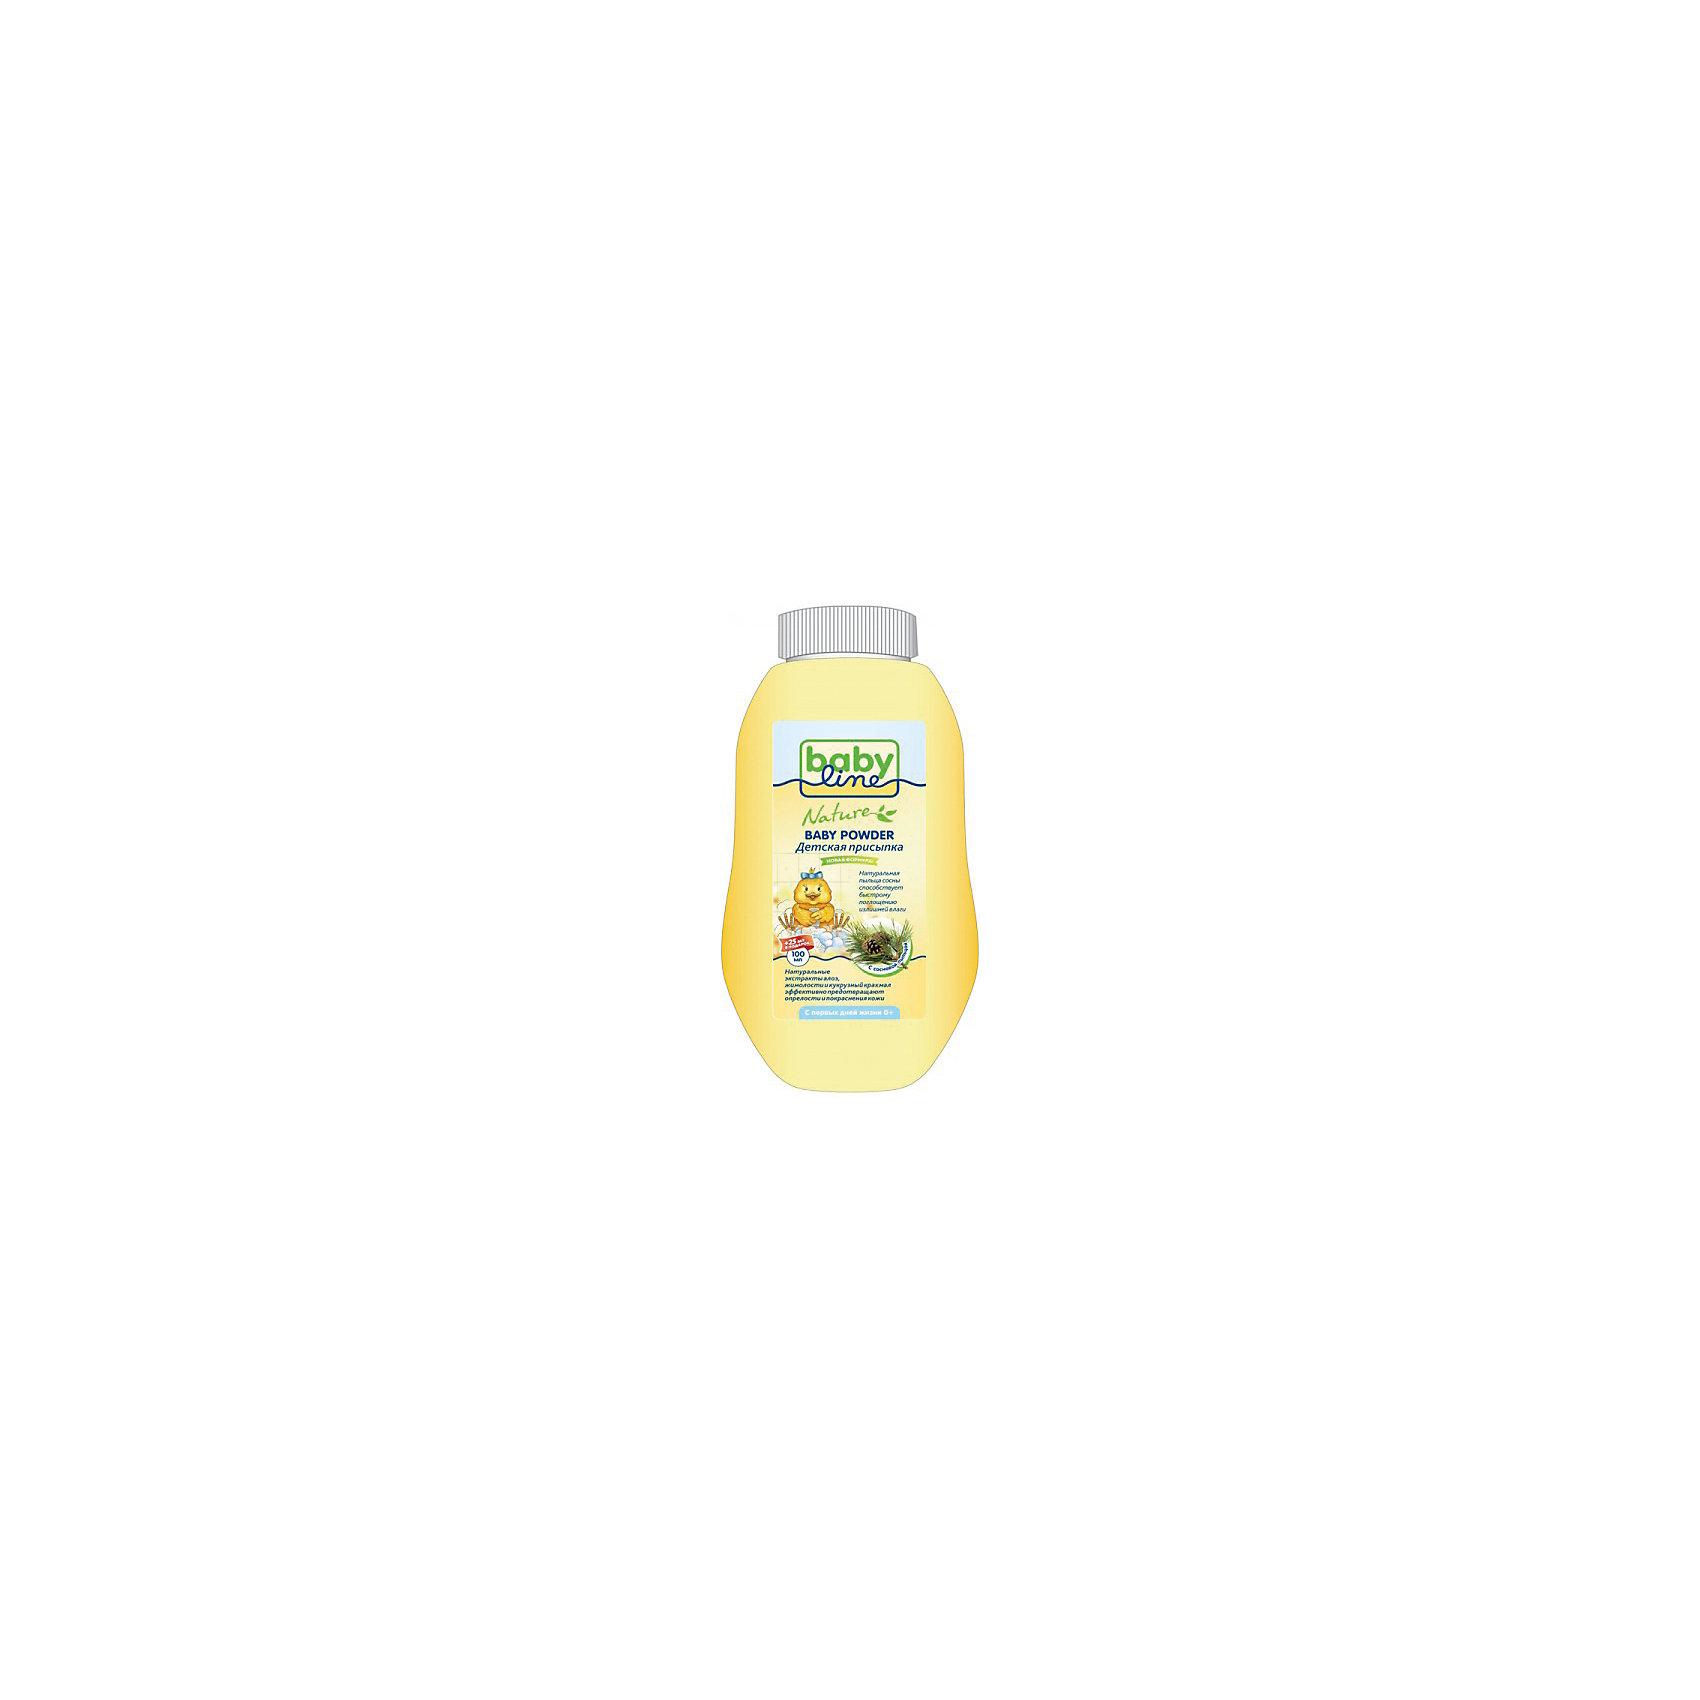 Babyline Детская присыпка с сосновой пыльцой, Babyline, 125 гр. babyline nature присыпка детская с оксидом цинка 125 г